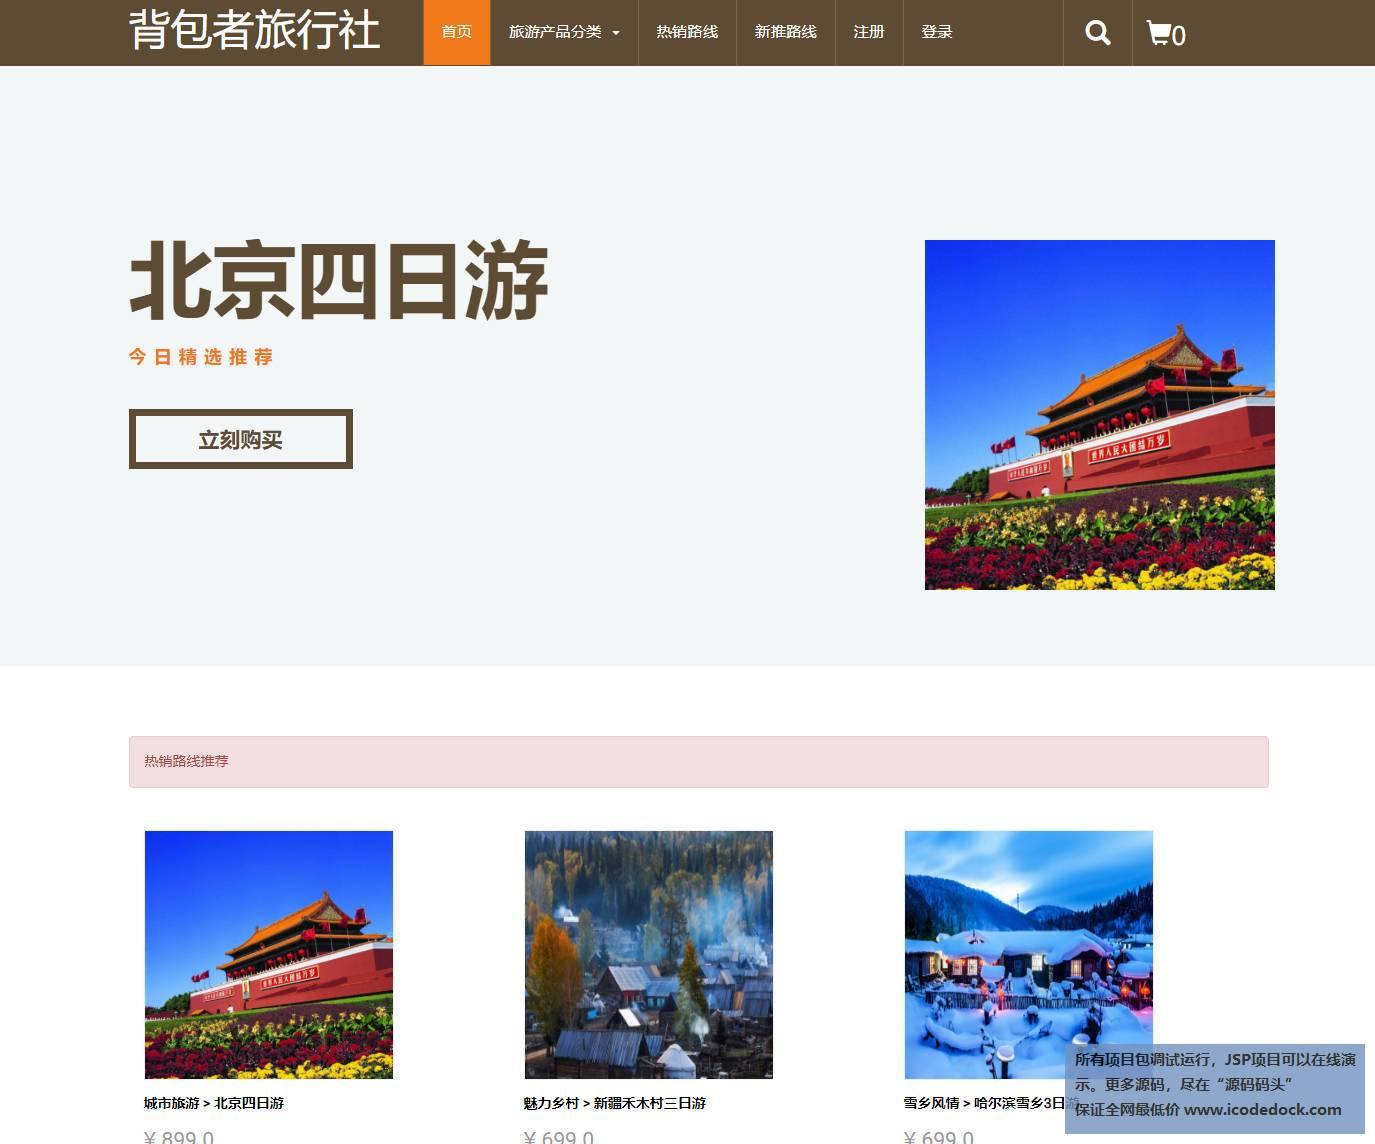 源码码头-JSP旅游产品销售管理系统-用户角色-用户首页